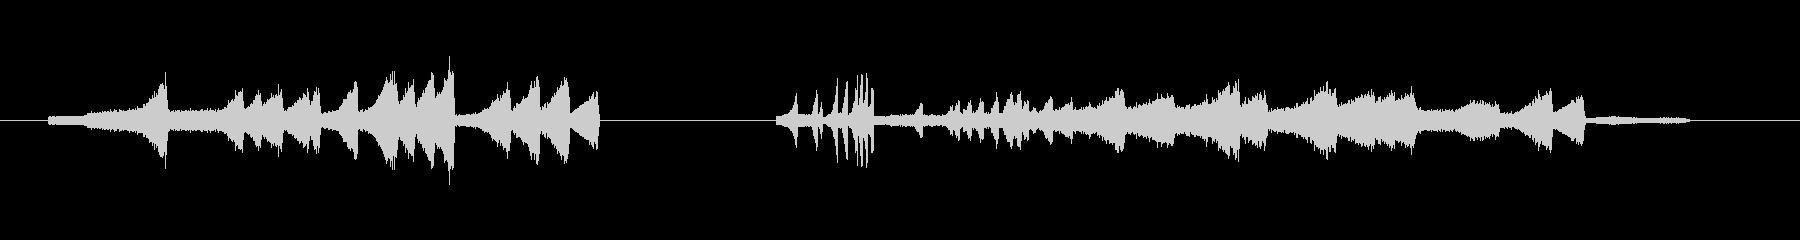 デジタル表示・メカ動作音・時間逆行#5の未再生の波形